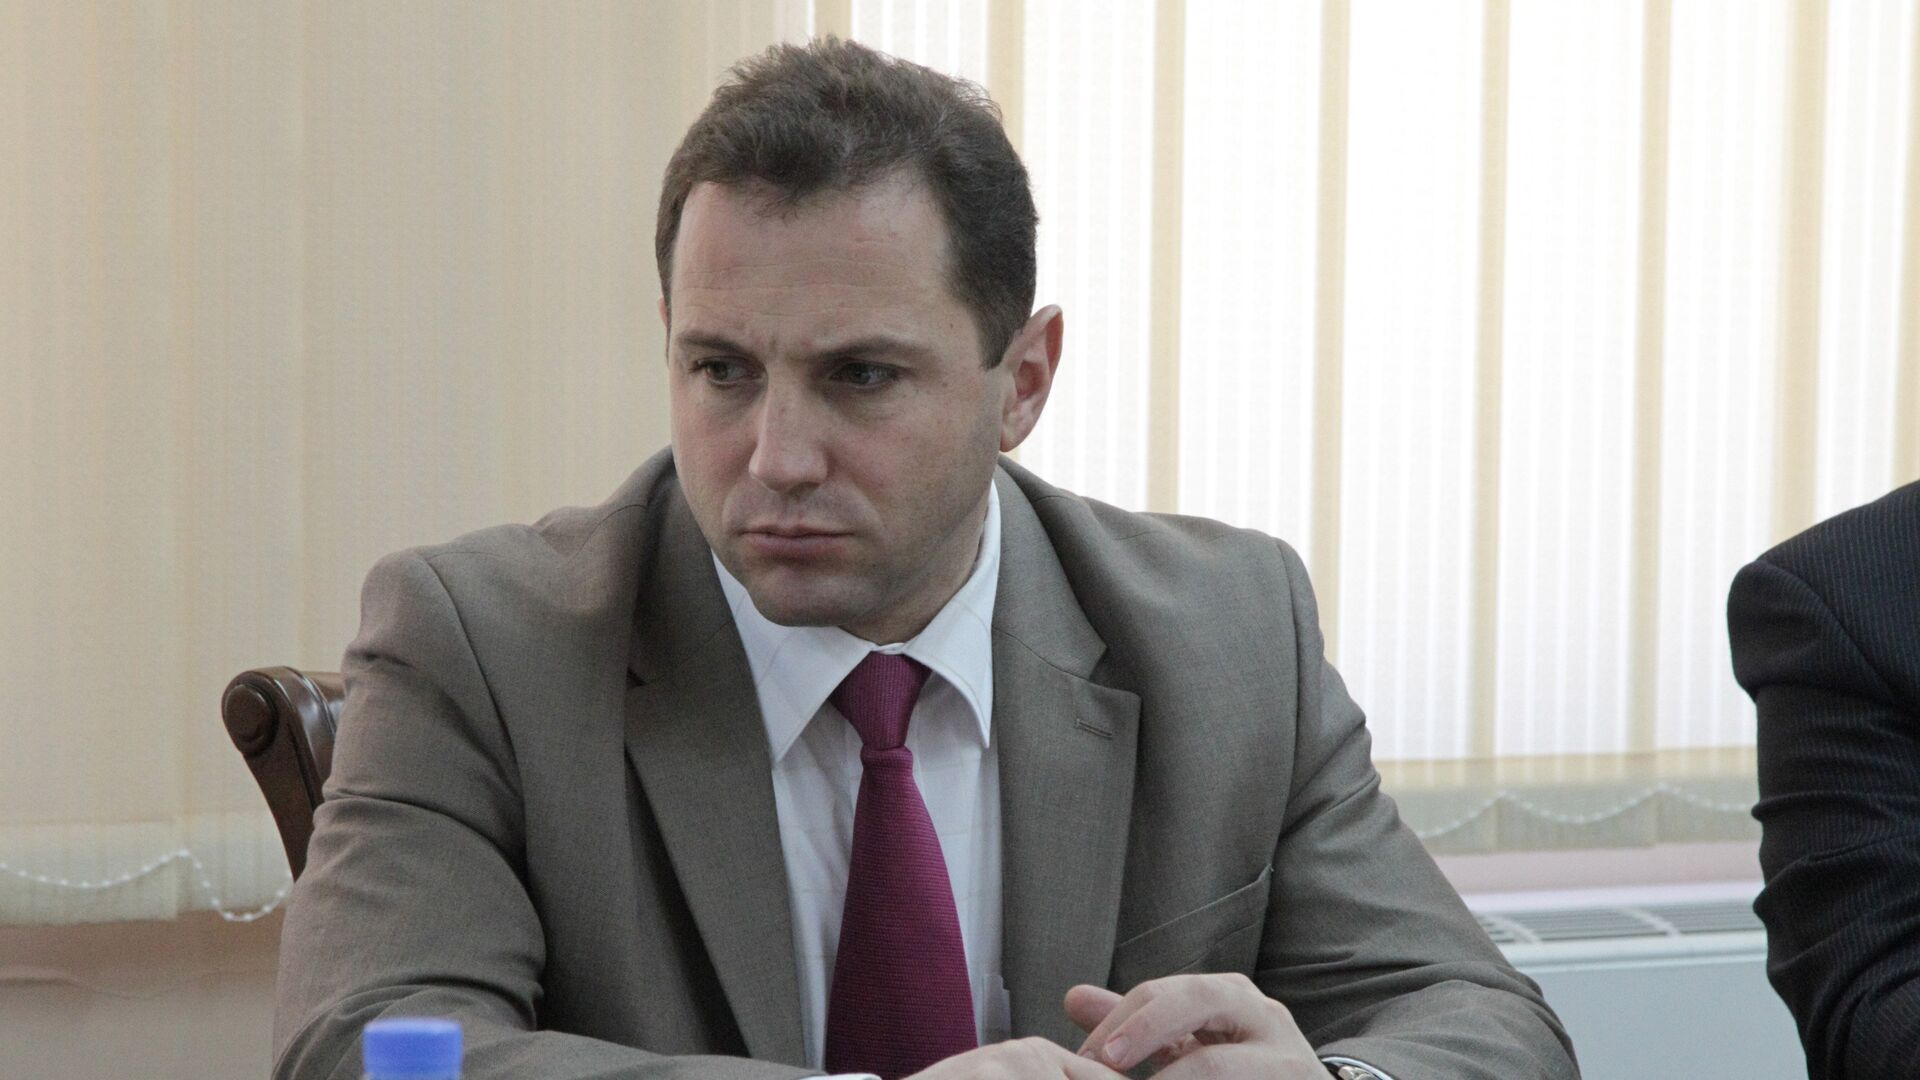 Заместитель министра обороны Армении Давид Тоноян  - РИА Новости, 1920, 29.07.2020